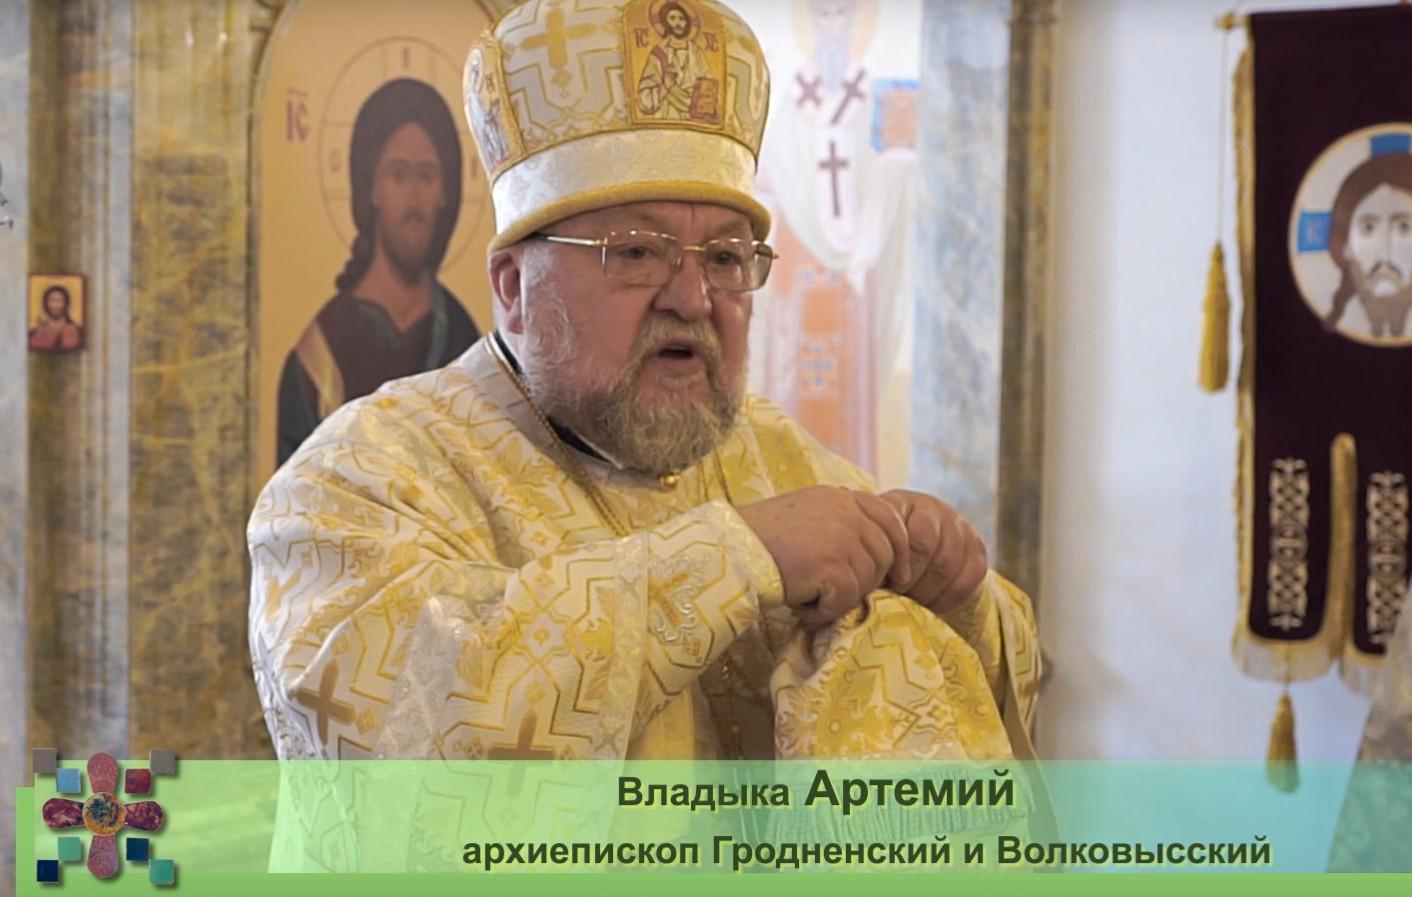 2019-11-02_владыка_артемий